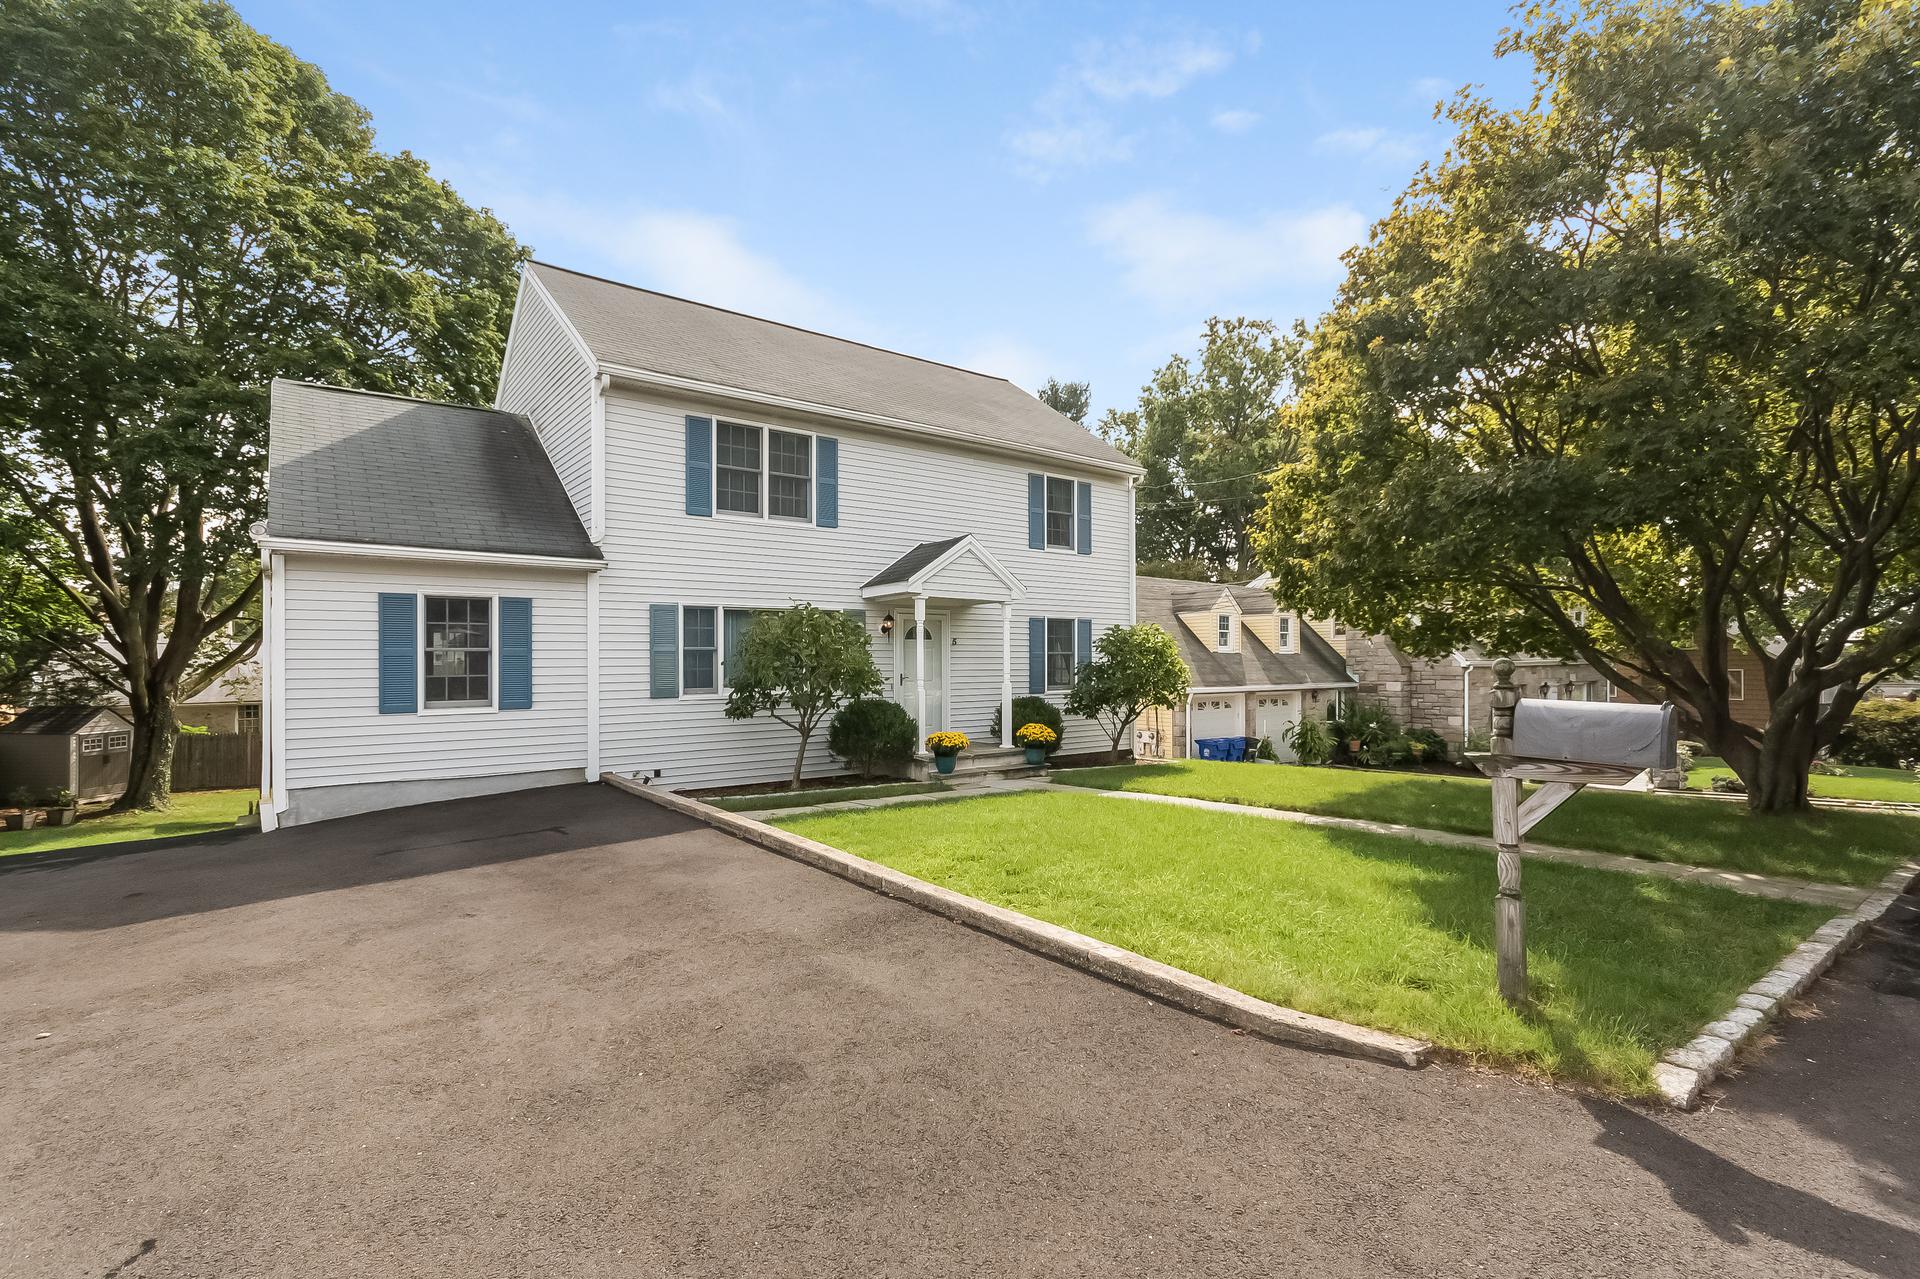 Nhà ở một gia đình vì Bán tại Turnkey Classic Colonial 5 Rockmere Road Norwalk, Connecticut, 06851 Hoa Kỳ